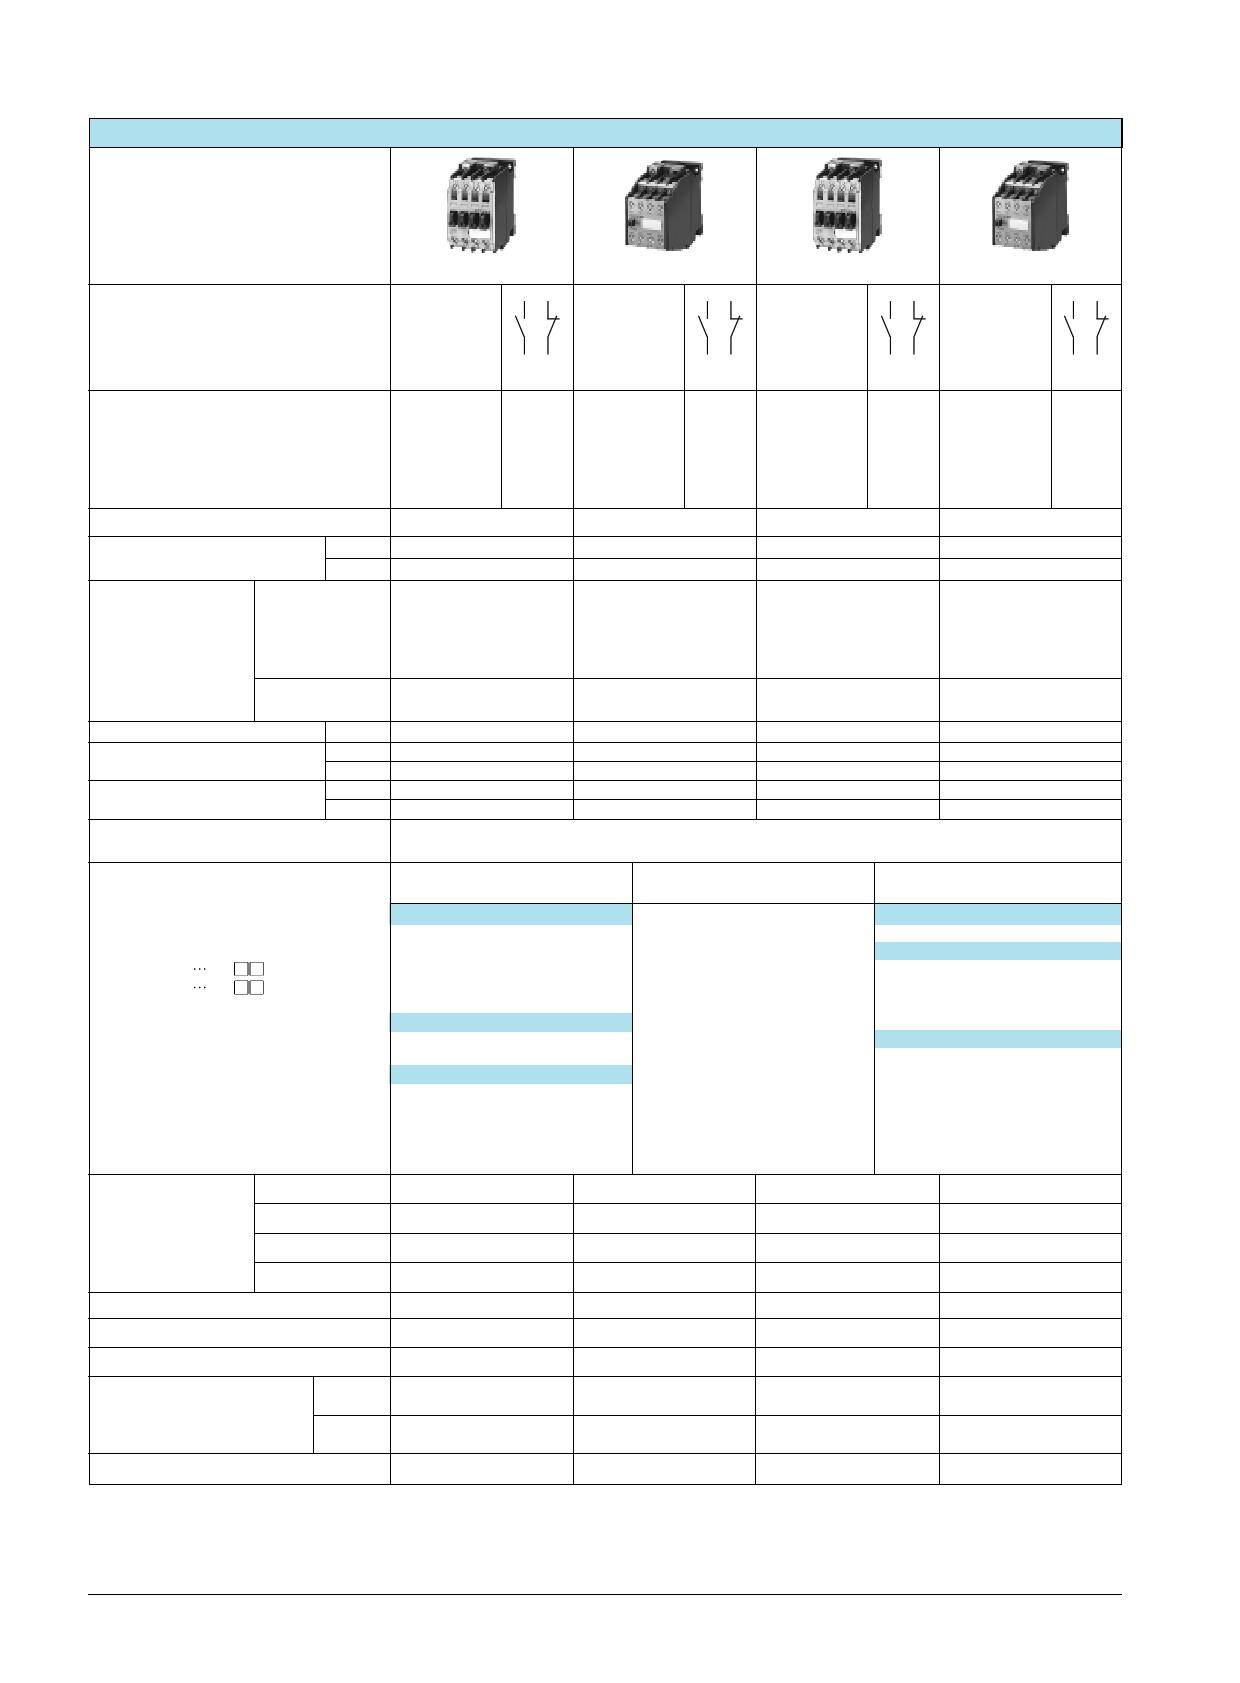 3TF40 Datenblatt PDF